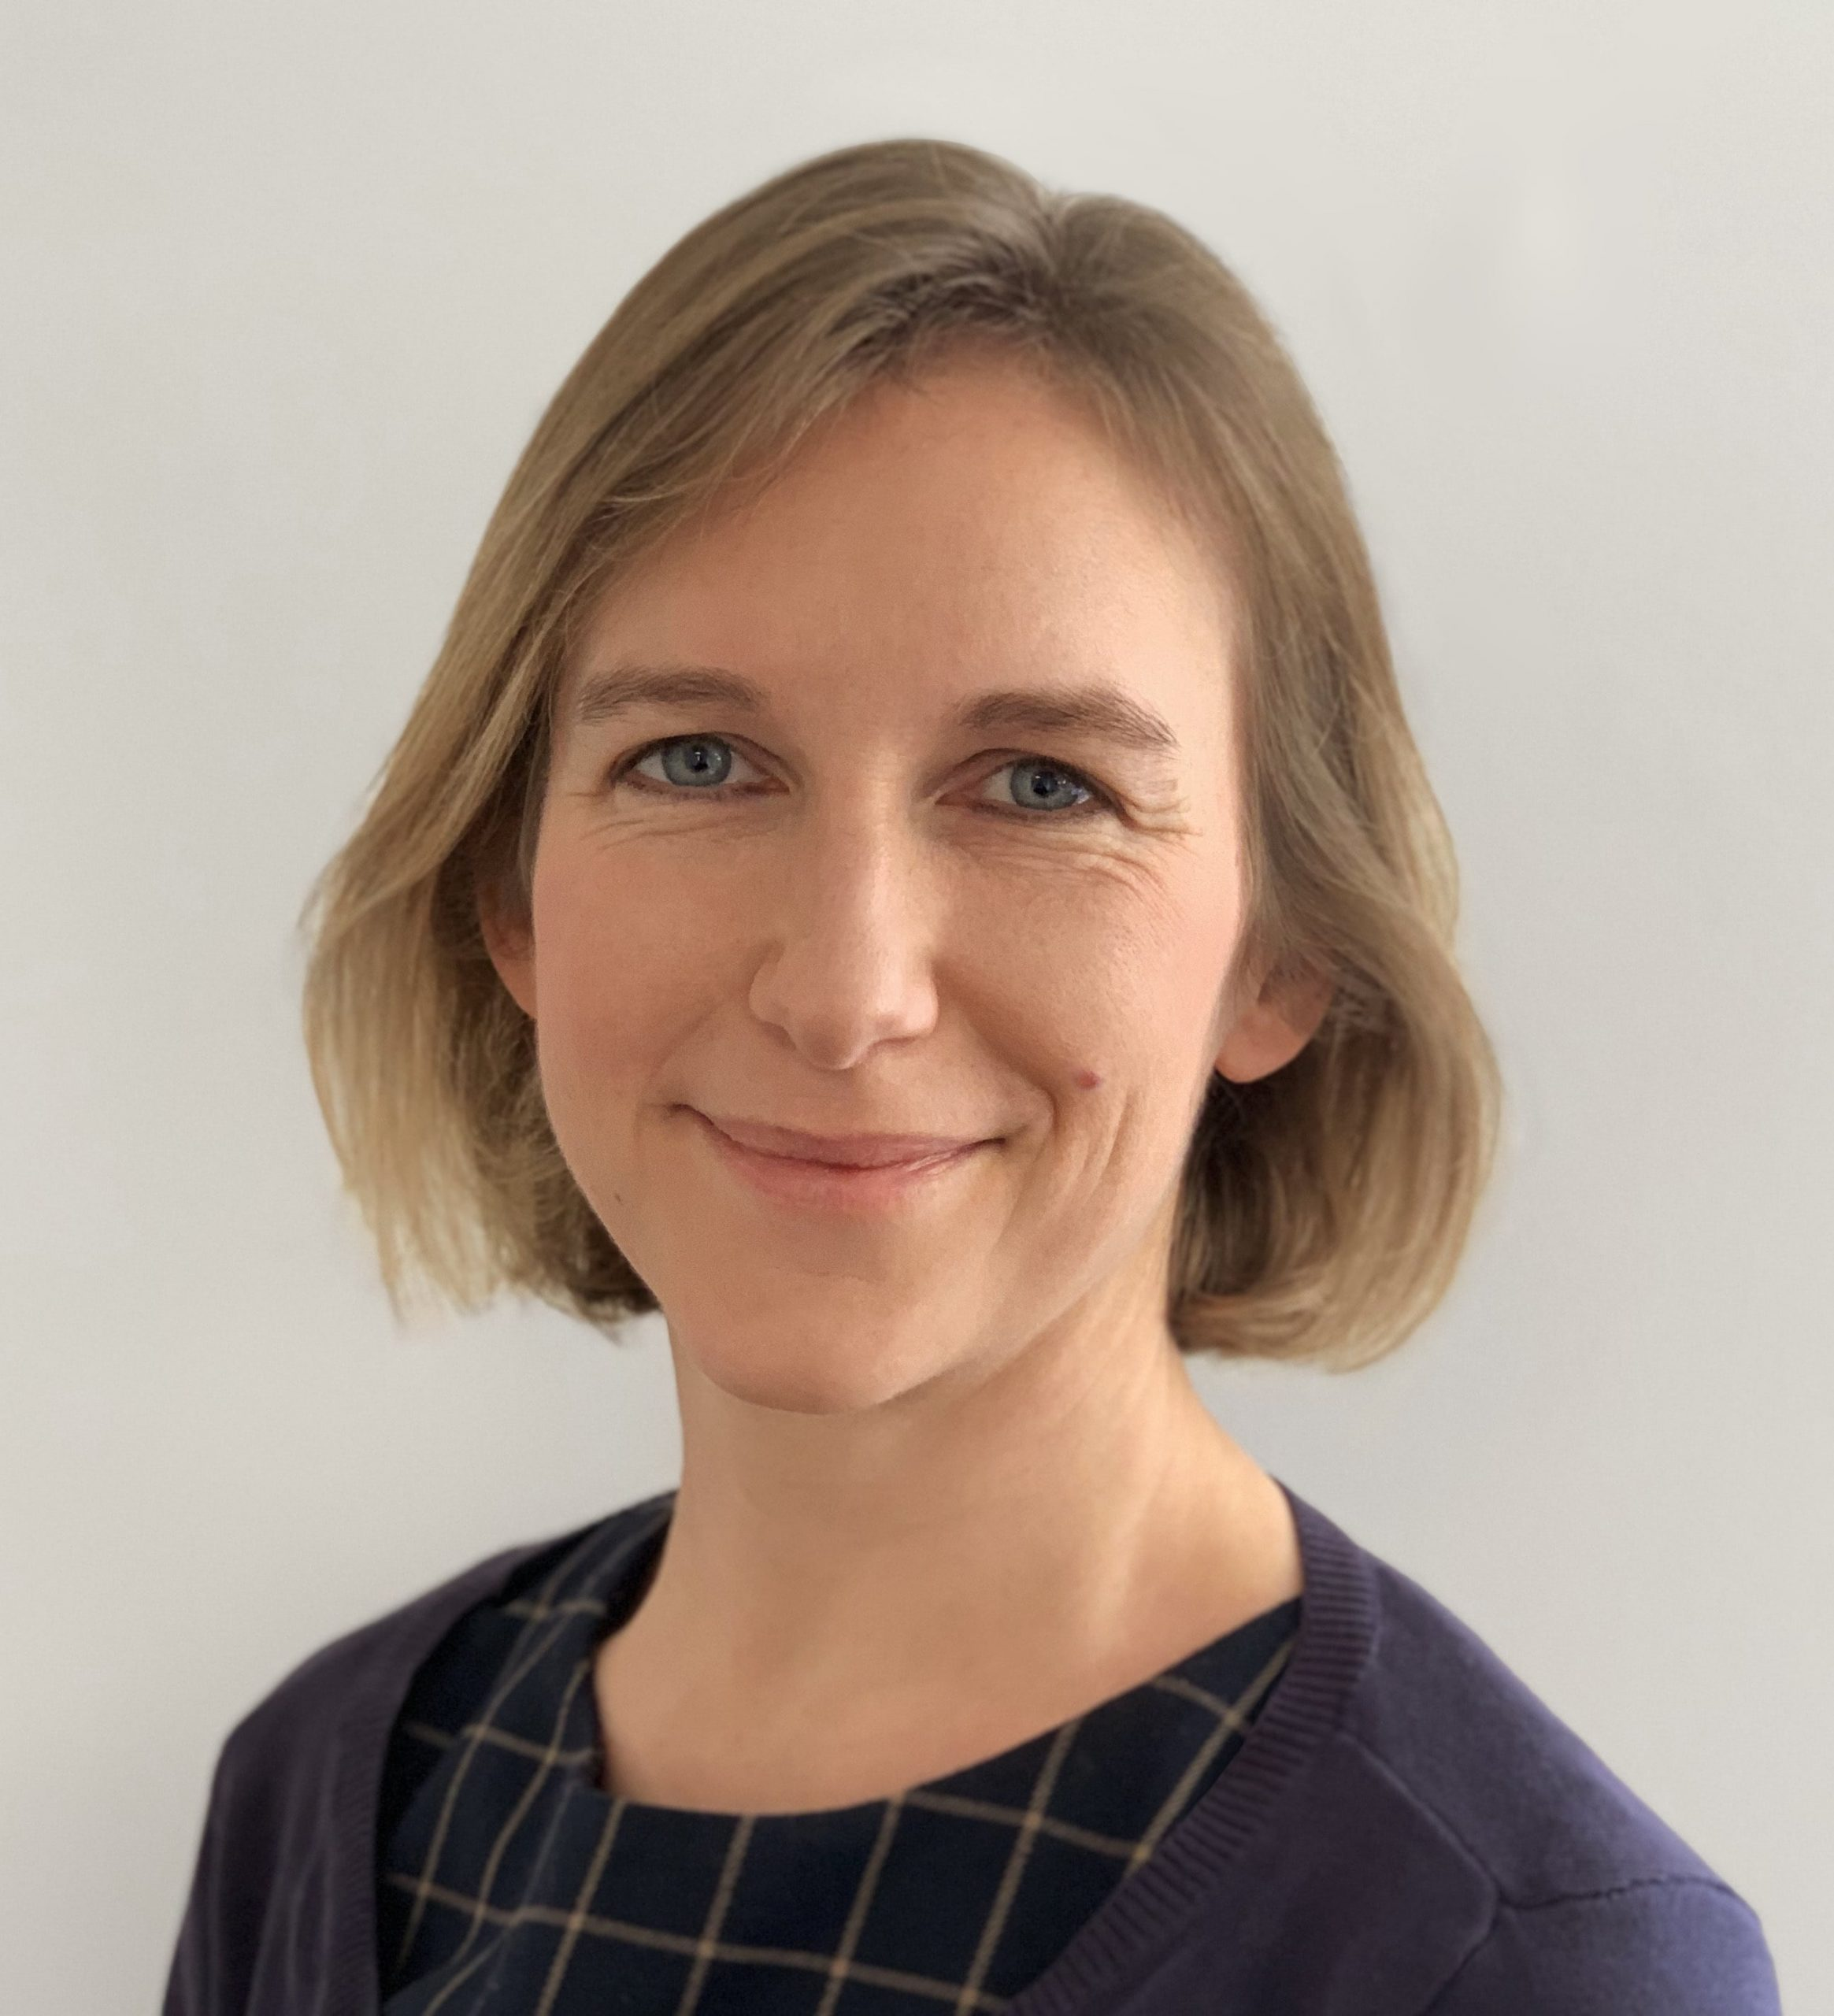 Dr Suzanne Scott